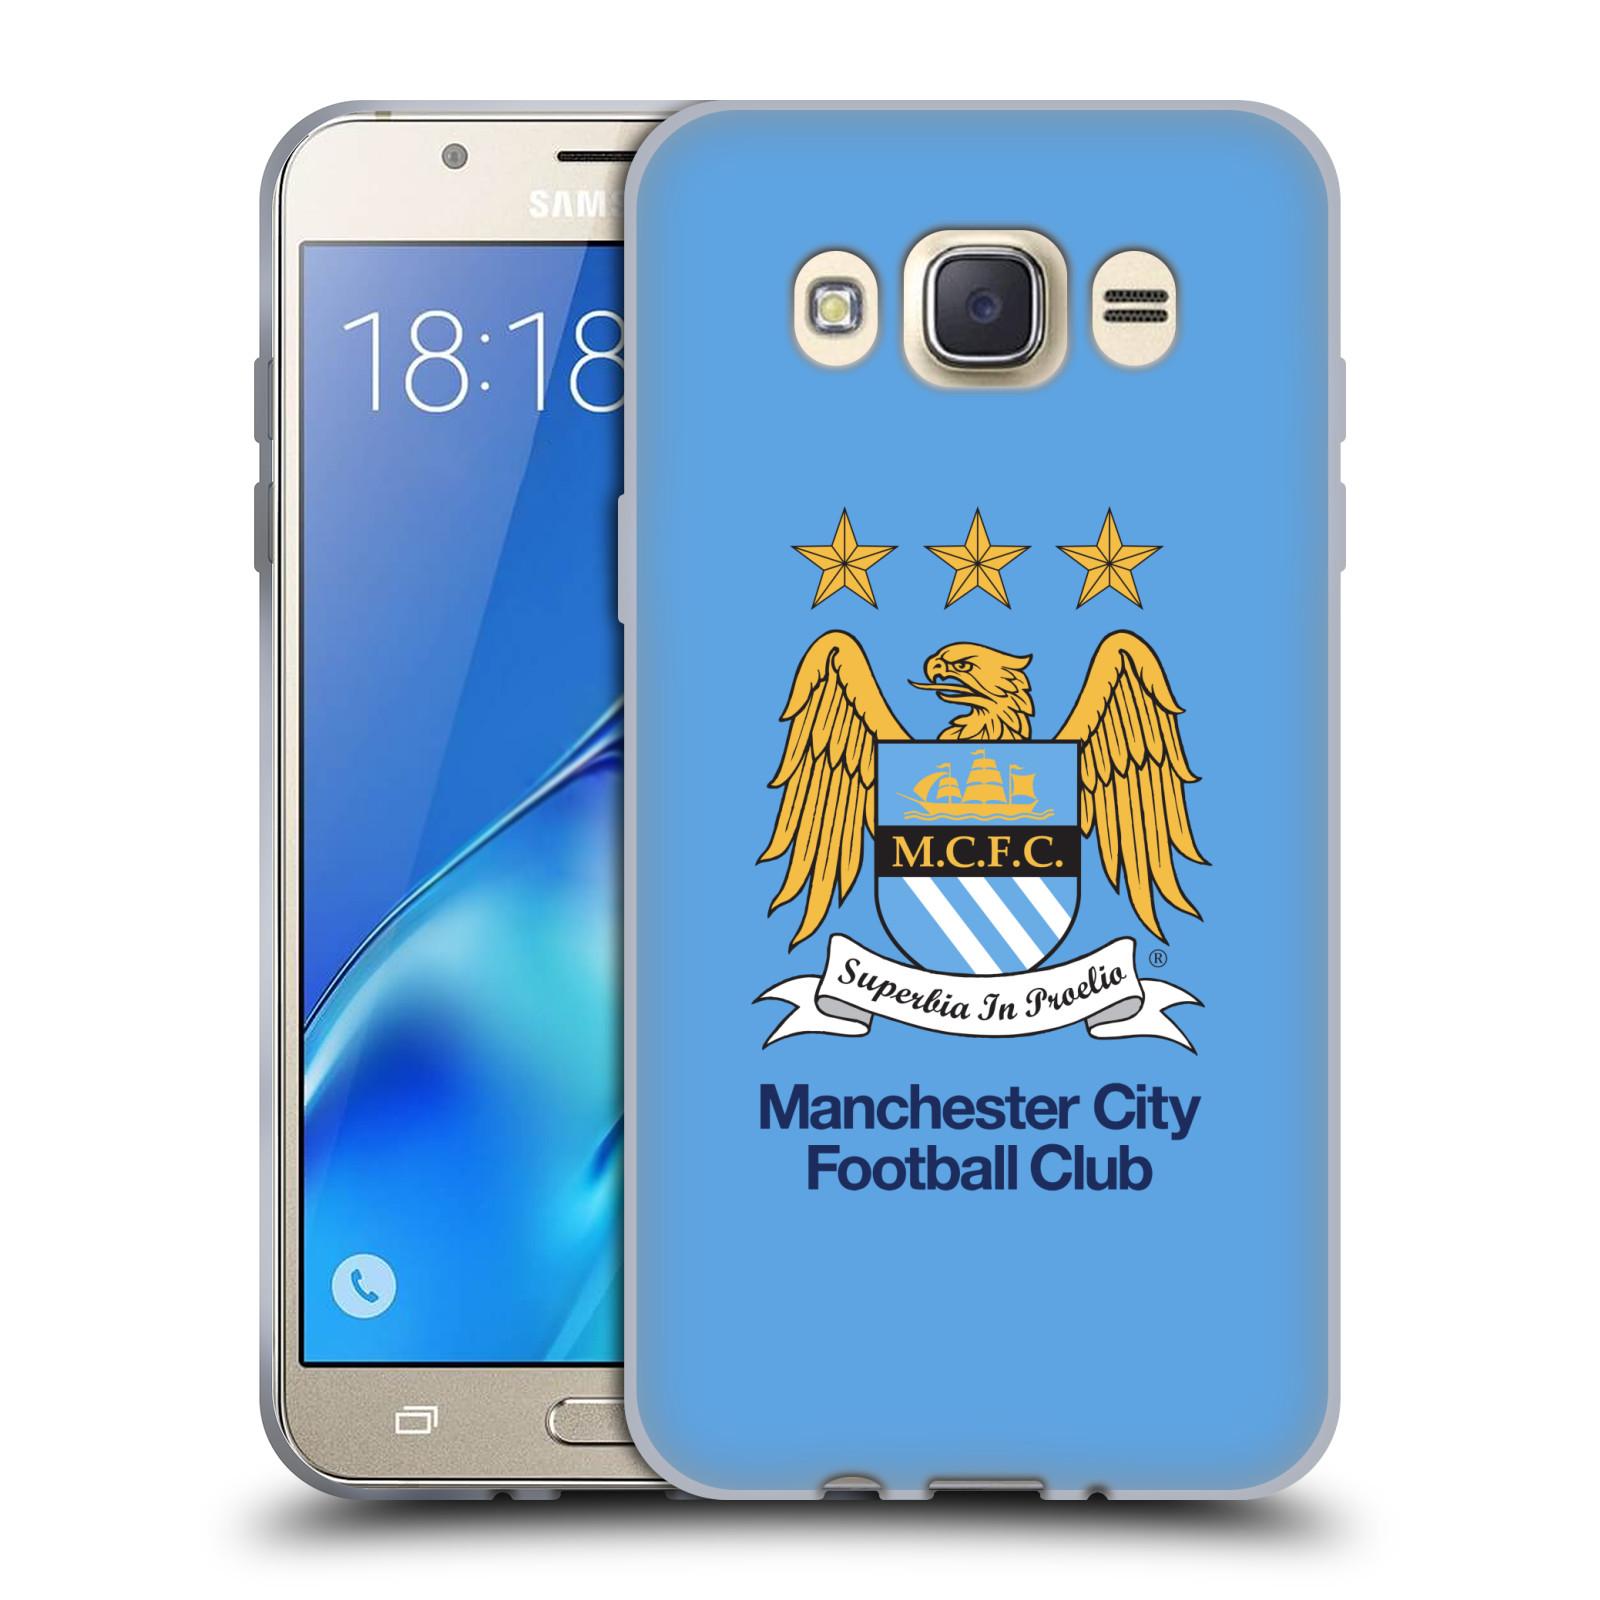 HEAD CASE silikonový obal na mobil Samsung Galaxy J7 2016 Fotbalový klub Manchester City nebesky modrá pozadí velký znak pták